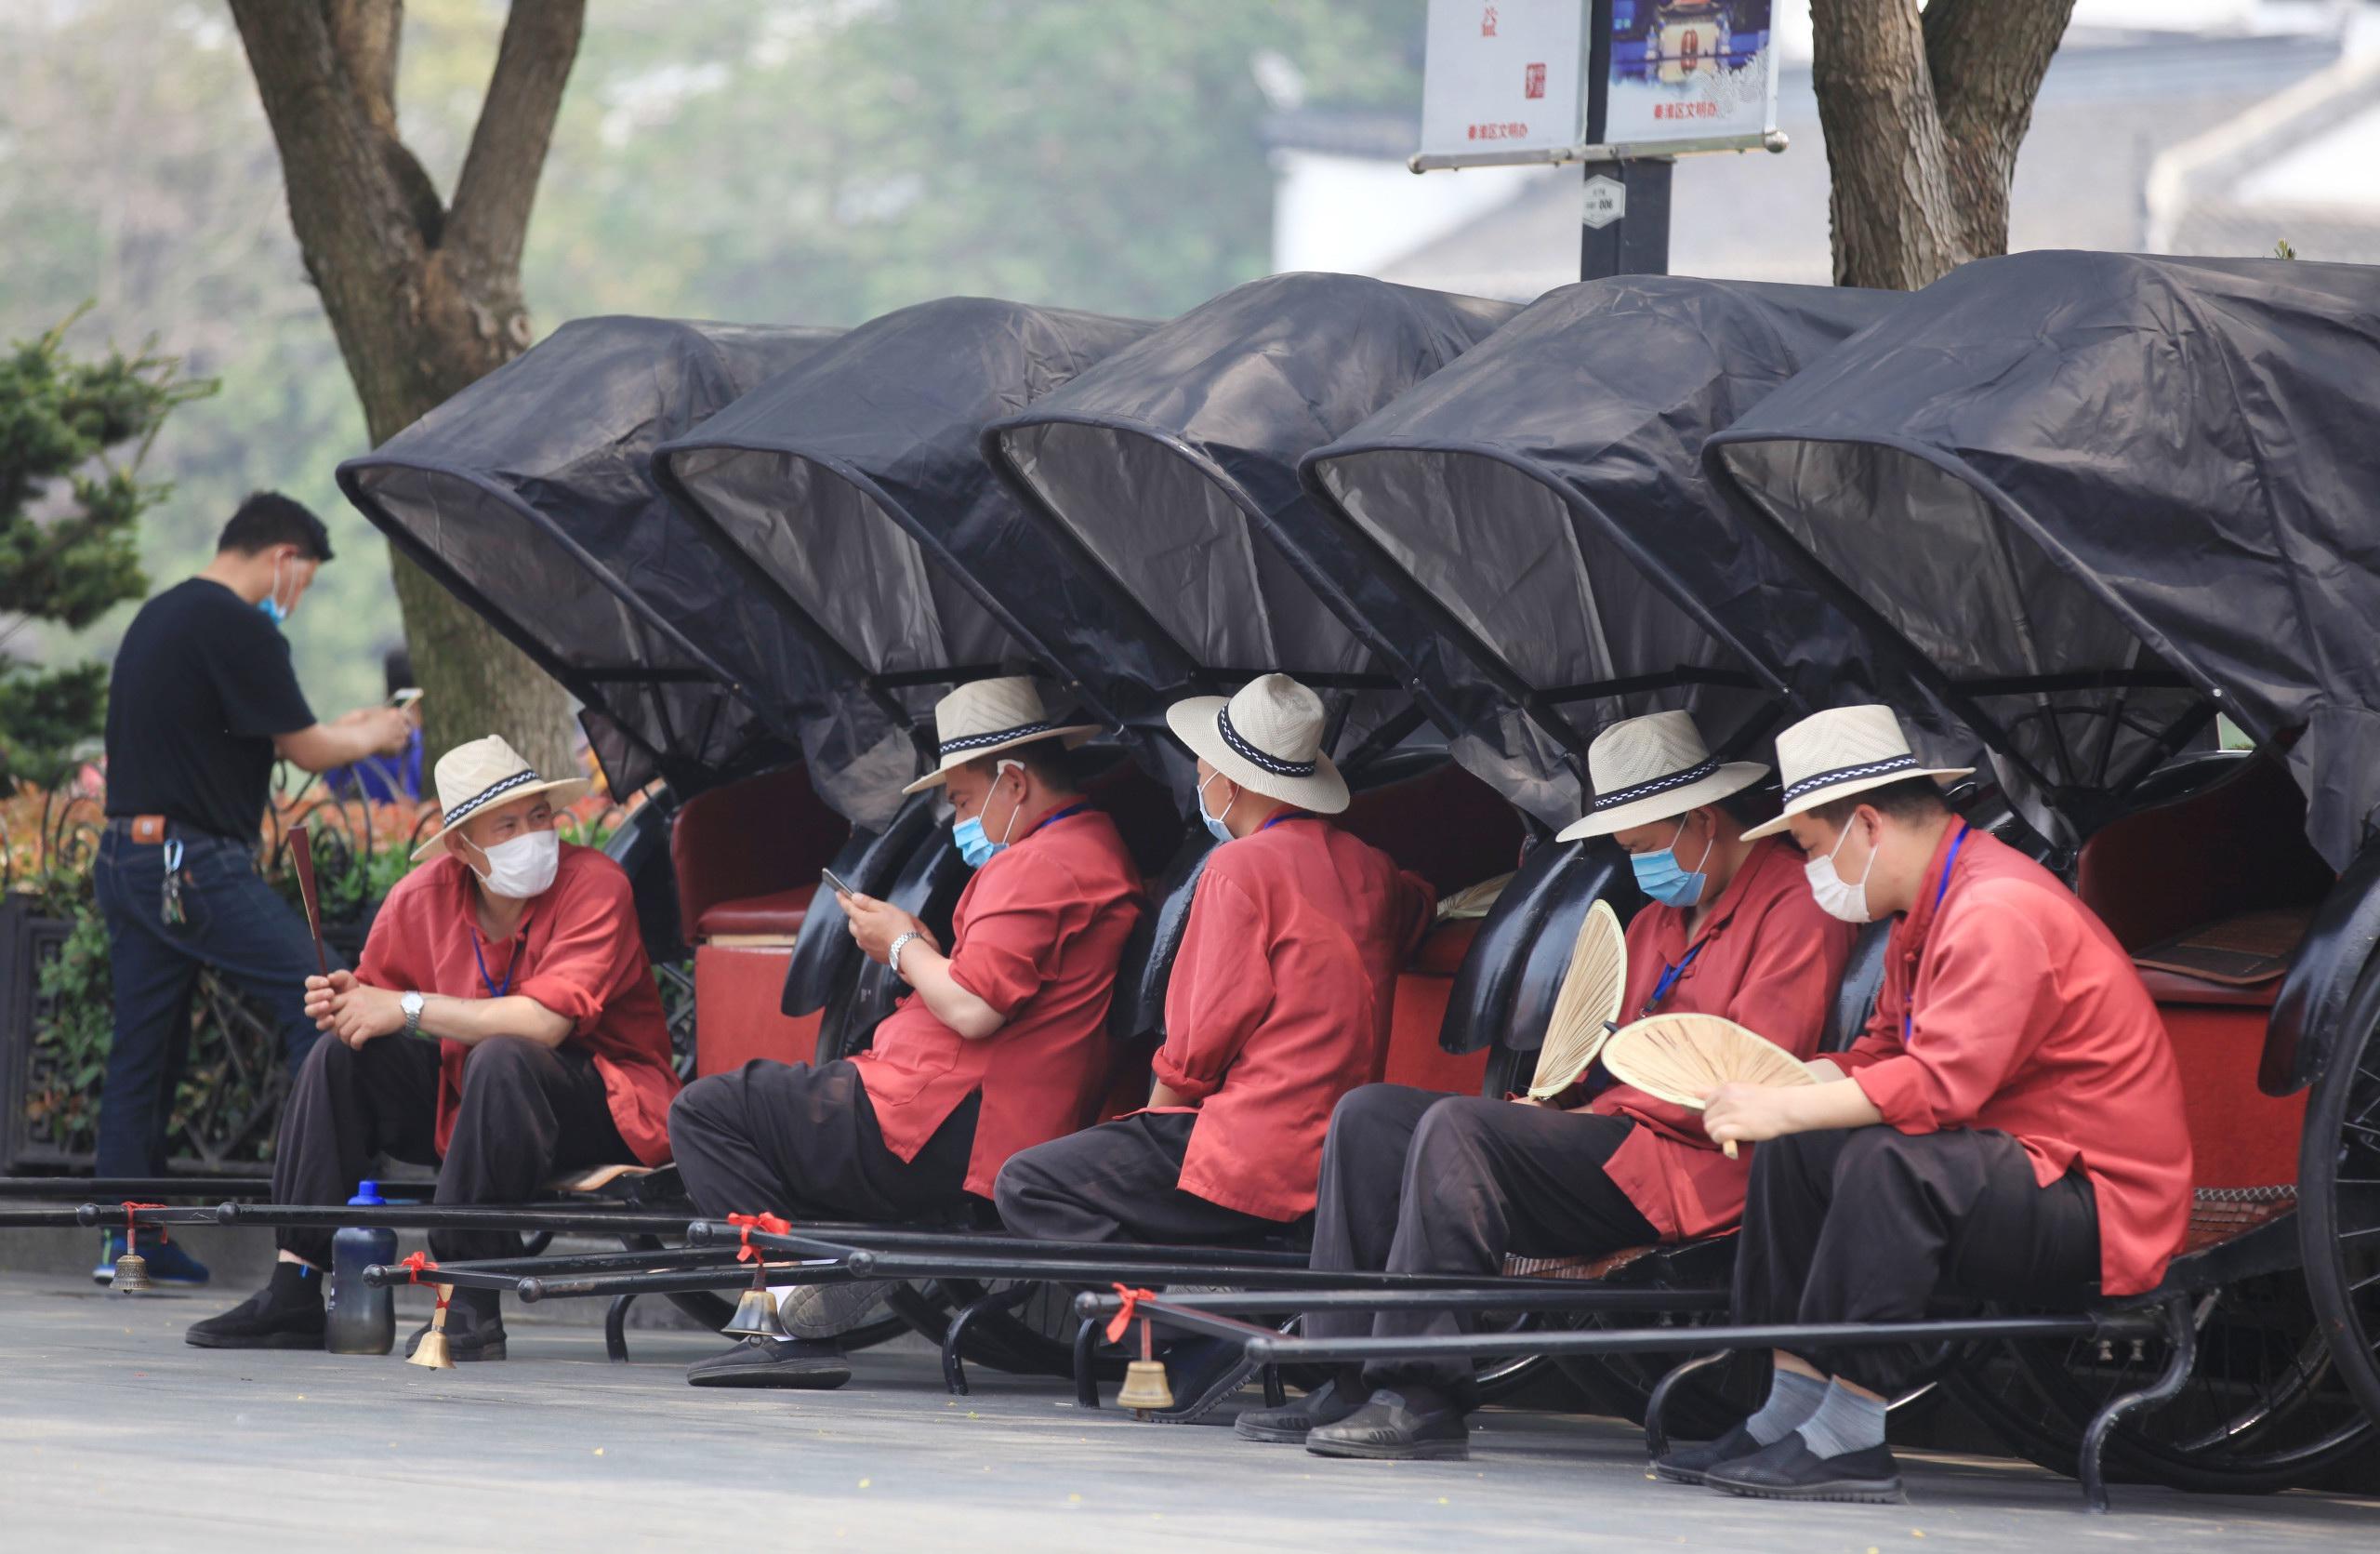 2020年5月4日,南京市变态高温,在夫子庙景区,拉黄包车的师傅都戴着遮阳帽期待游客。IC photo 图